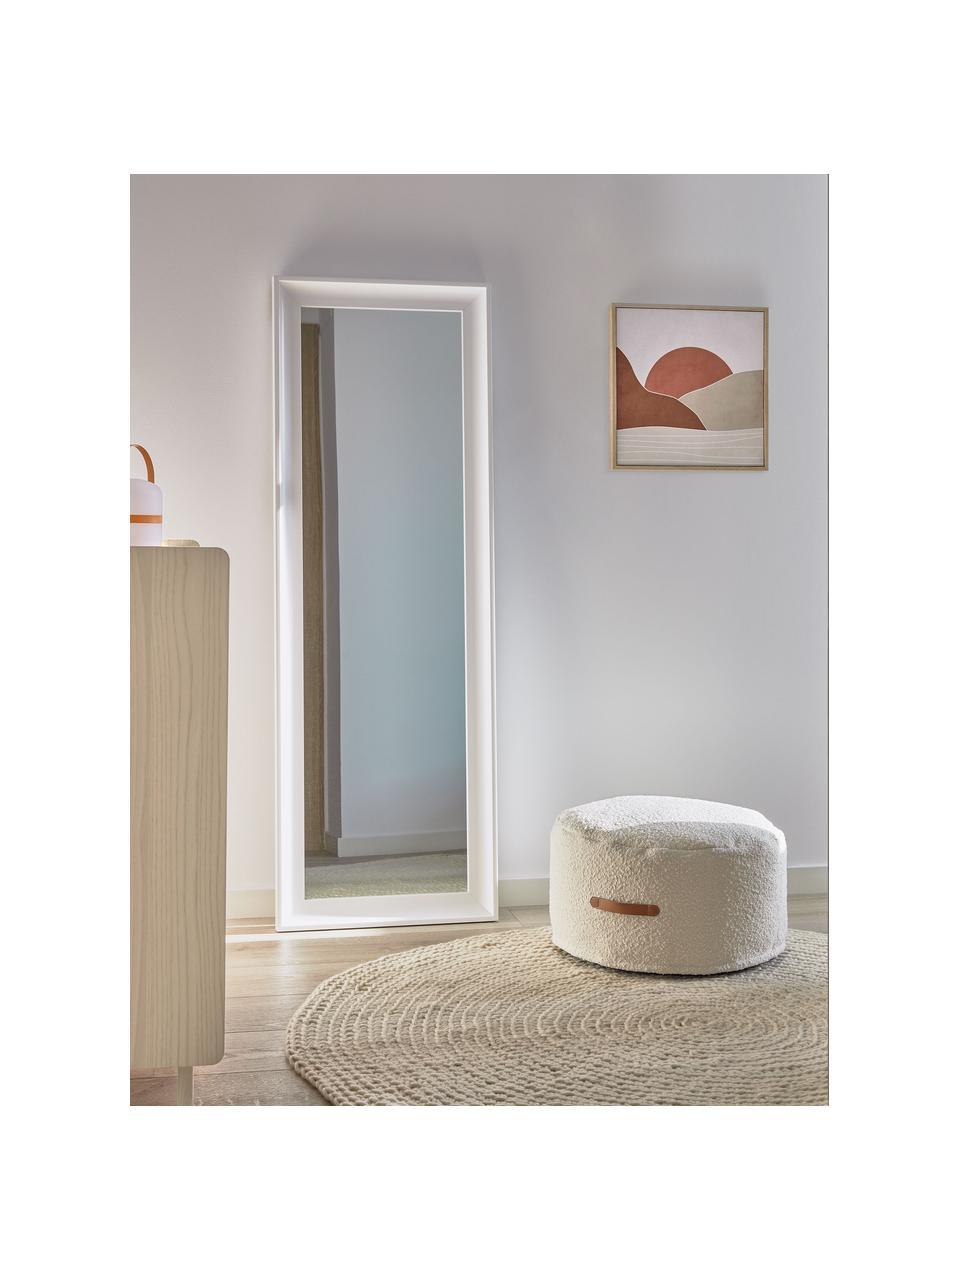 Eckiger Wandspiegel Romila mit weißem Kunststoffrahmen, Rahmen: Kunststoff, Rückseite: Mitteldichte Holzfaserpla, Spiegelfläche: Spiegelglas, Weiß, 52 x 153 cm